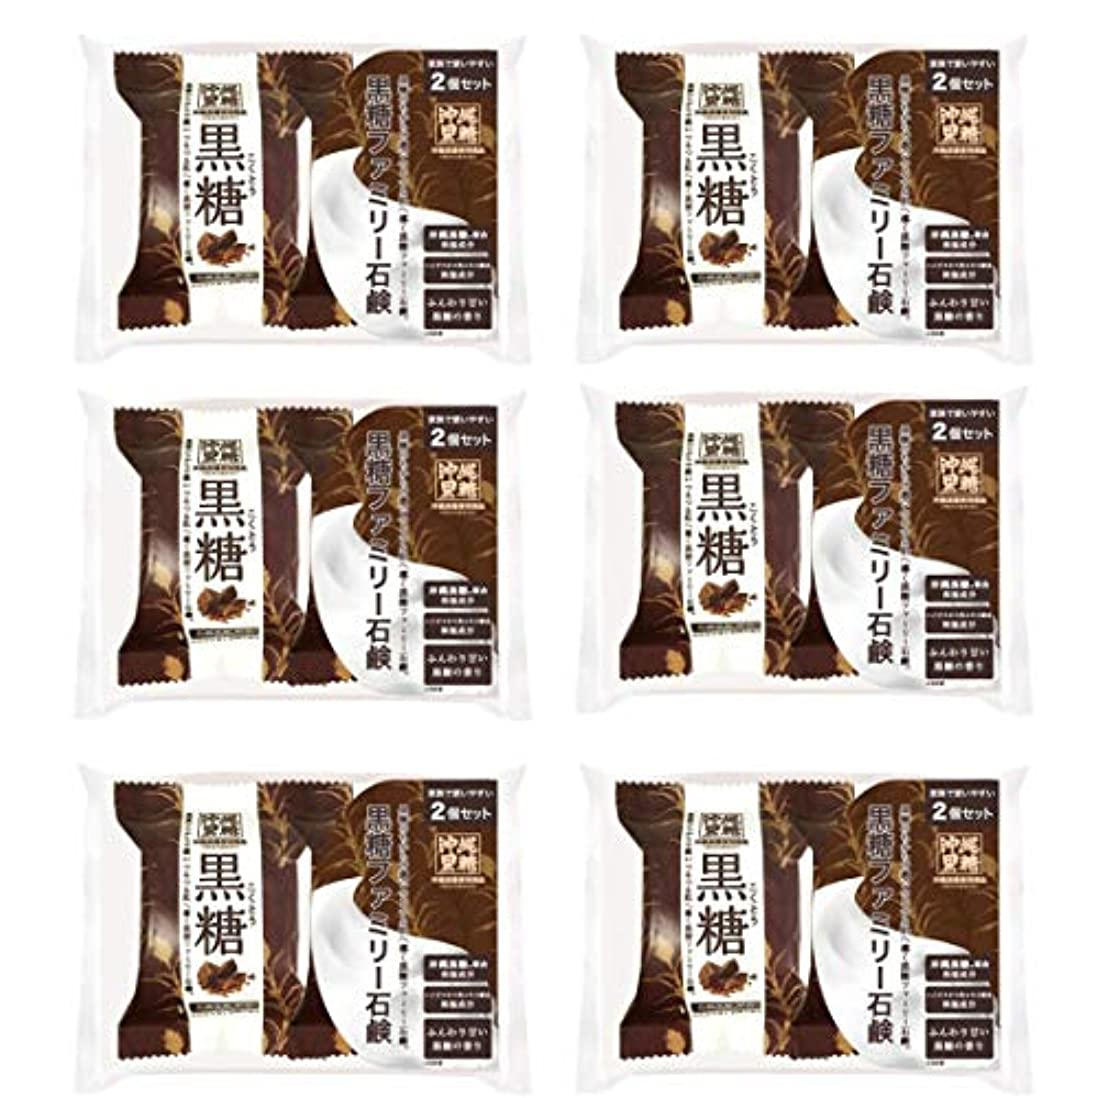 集中行商人チロ【6個セット】ペリカン石鹸 ファミリー黒糖石鹸 80g×2個